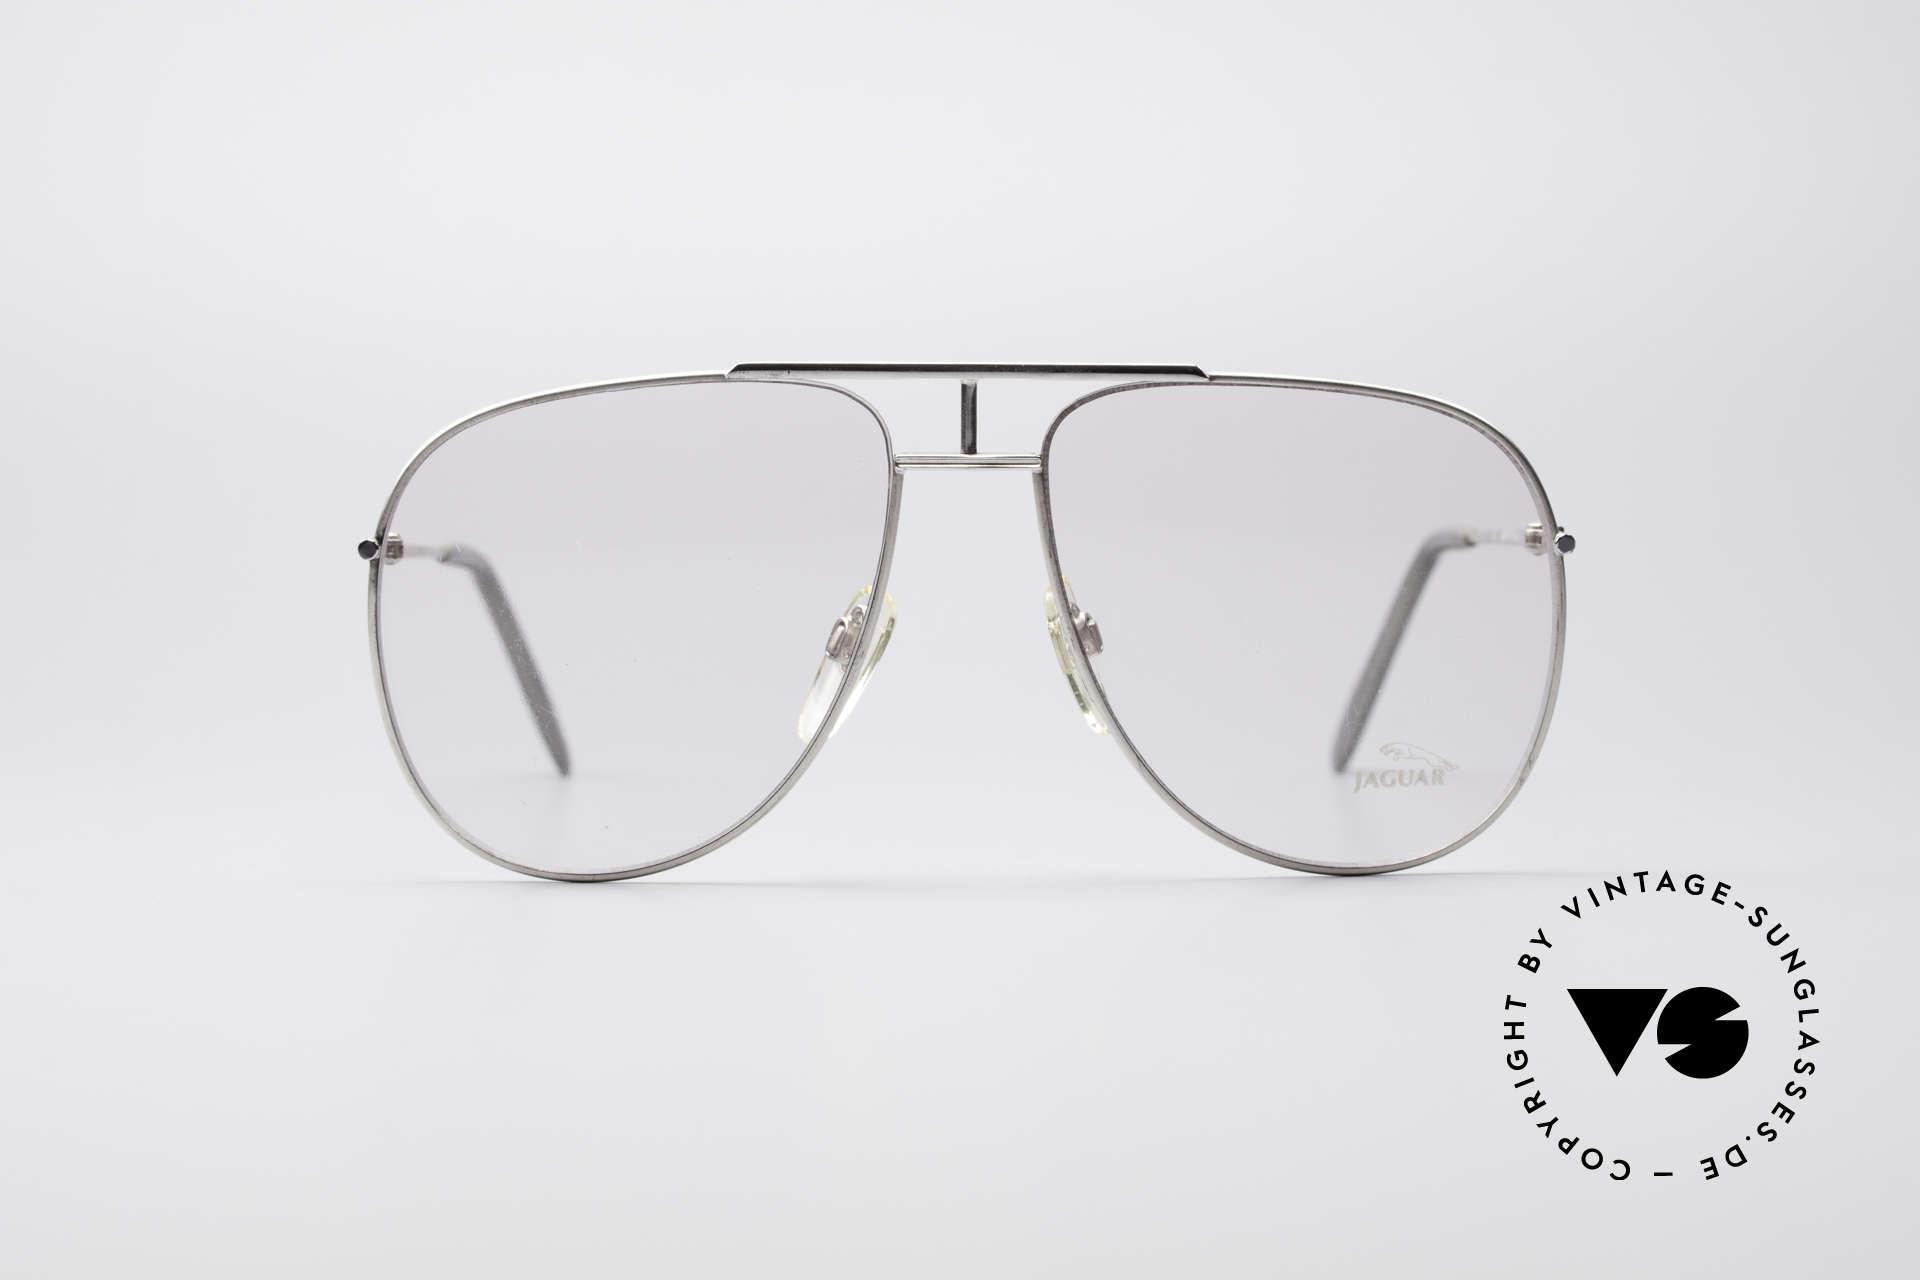 Jaguar 327 80er Vintage Herren Brille, Leichtmetallrahmen für perfekten Tagekomfort, Passend für Herren